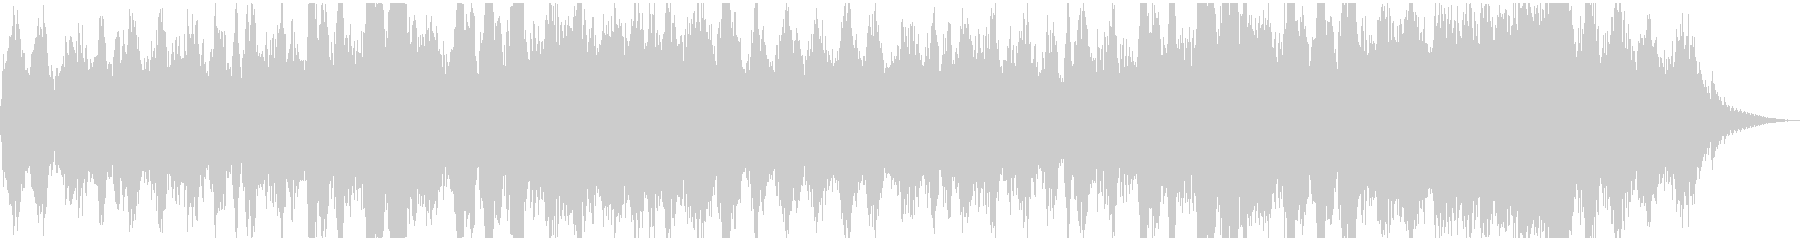 シンセサイザーと肉声で作る神秘的な地平線の未再生の波形